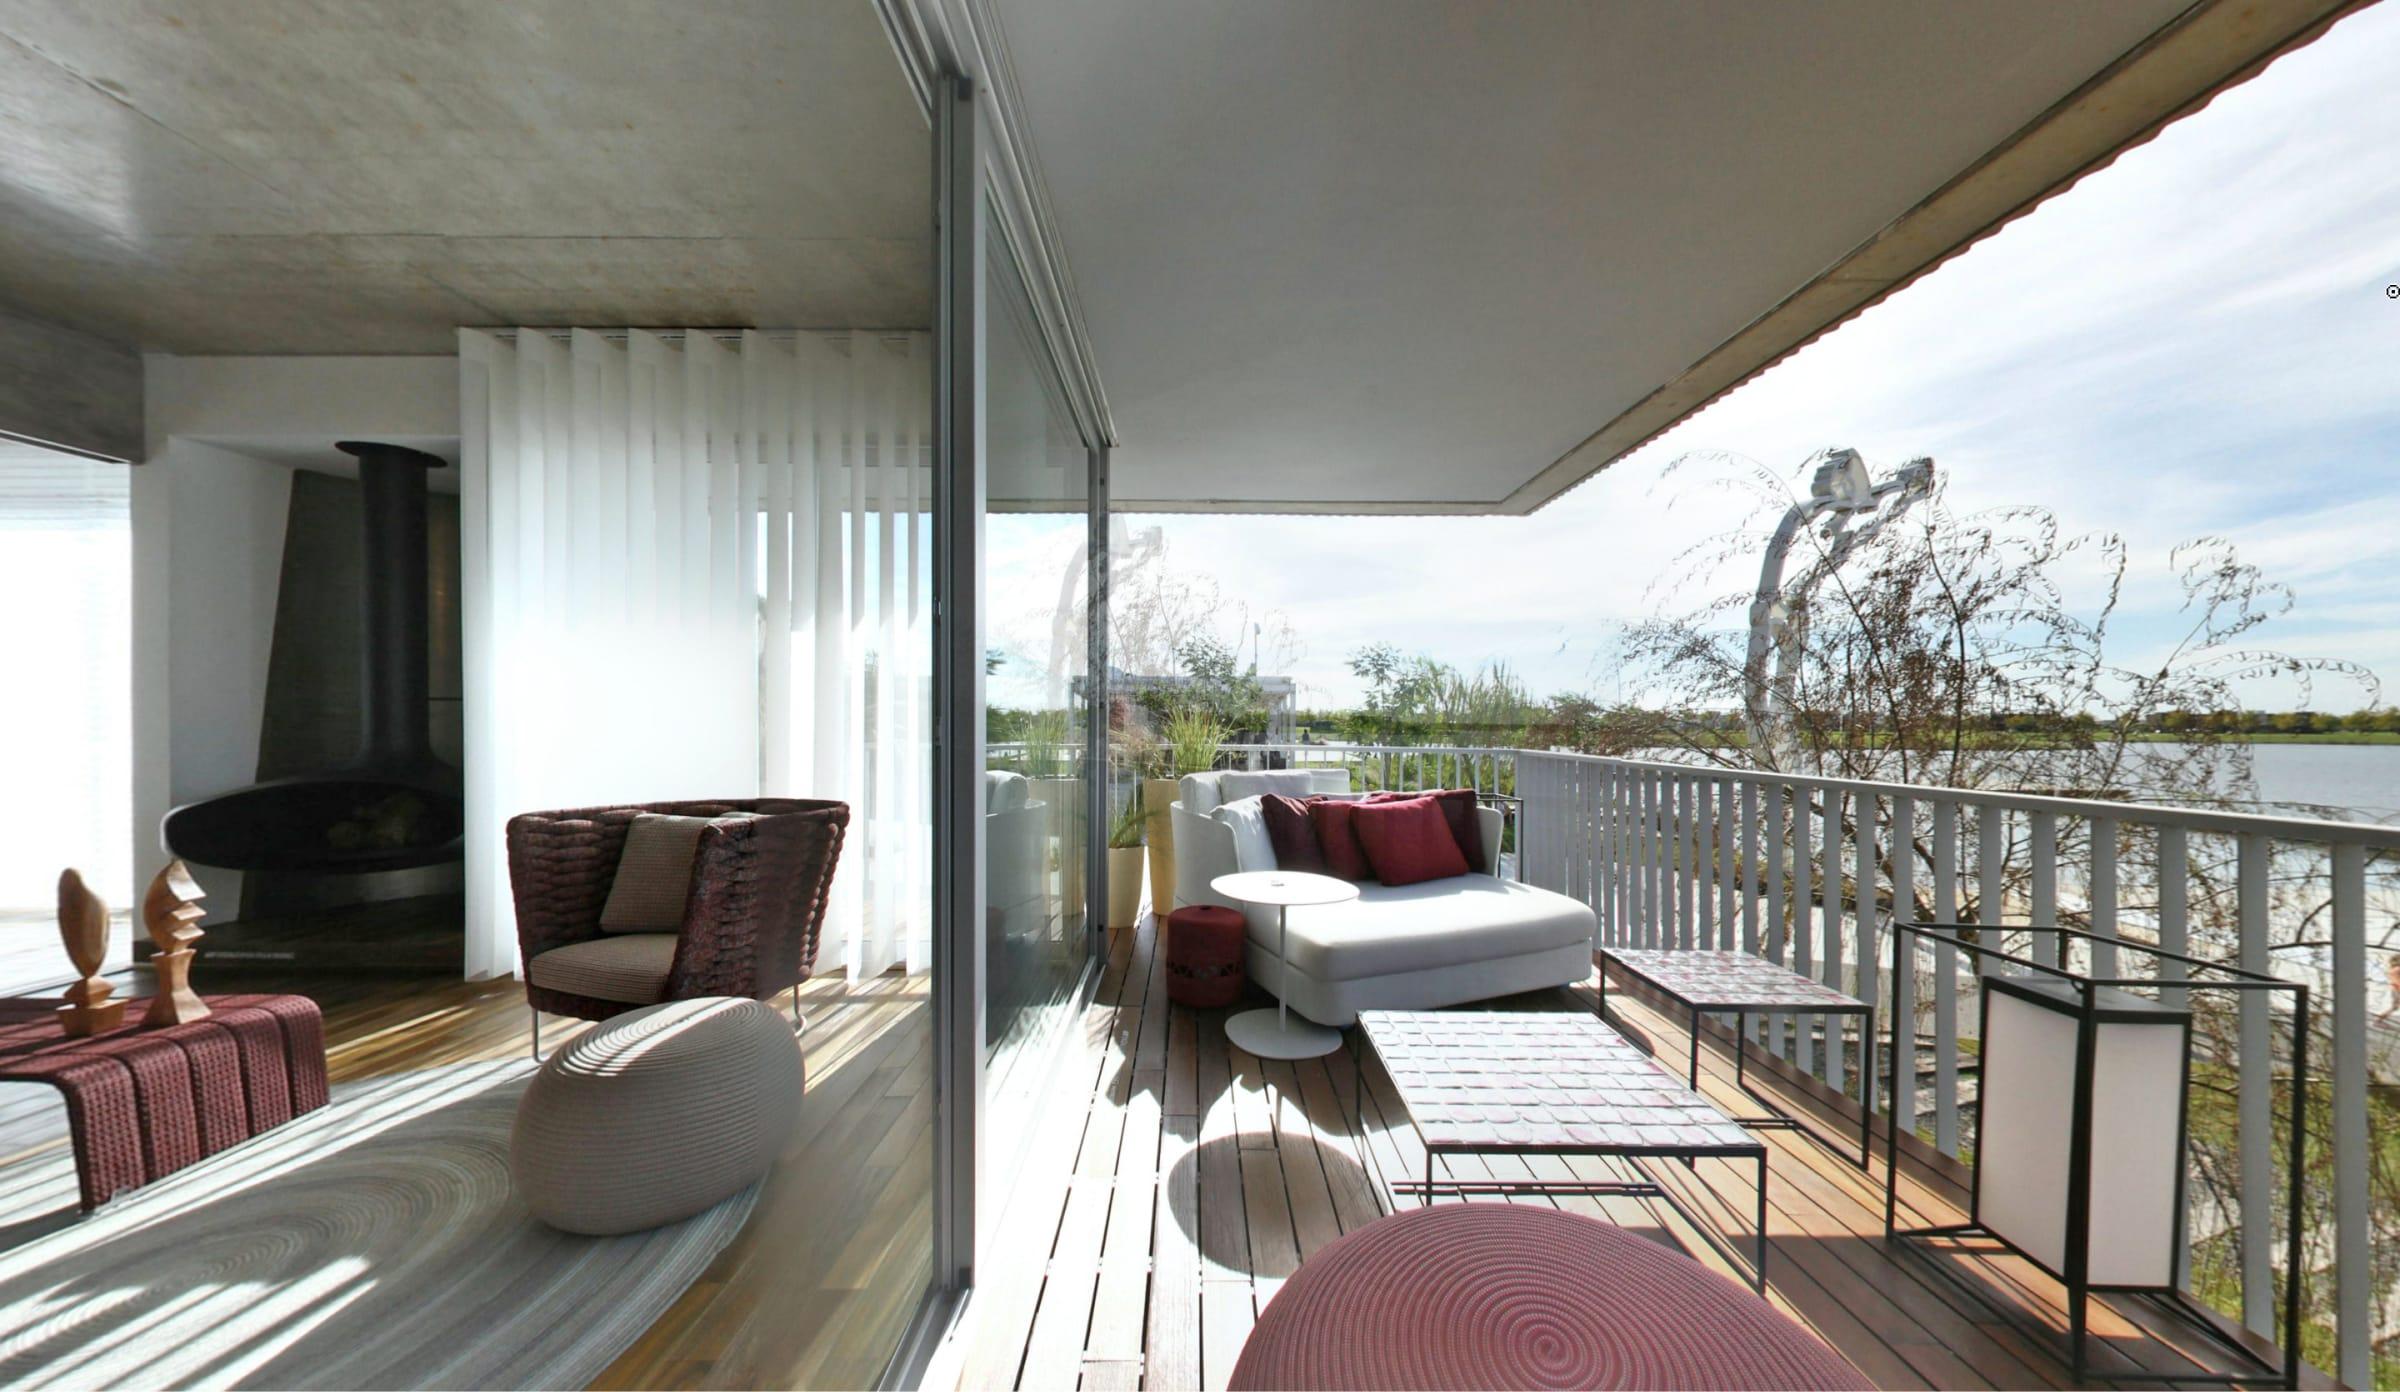 En el balcón aterrazado con vistas a la laguna de Puertos se destacan los muebles de autor de Paola Lenti.